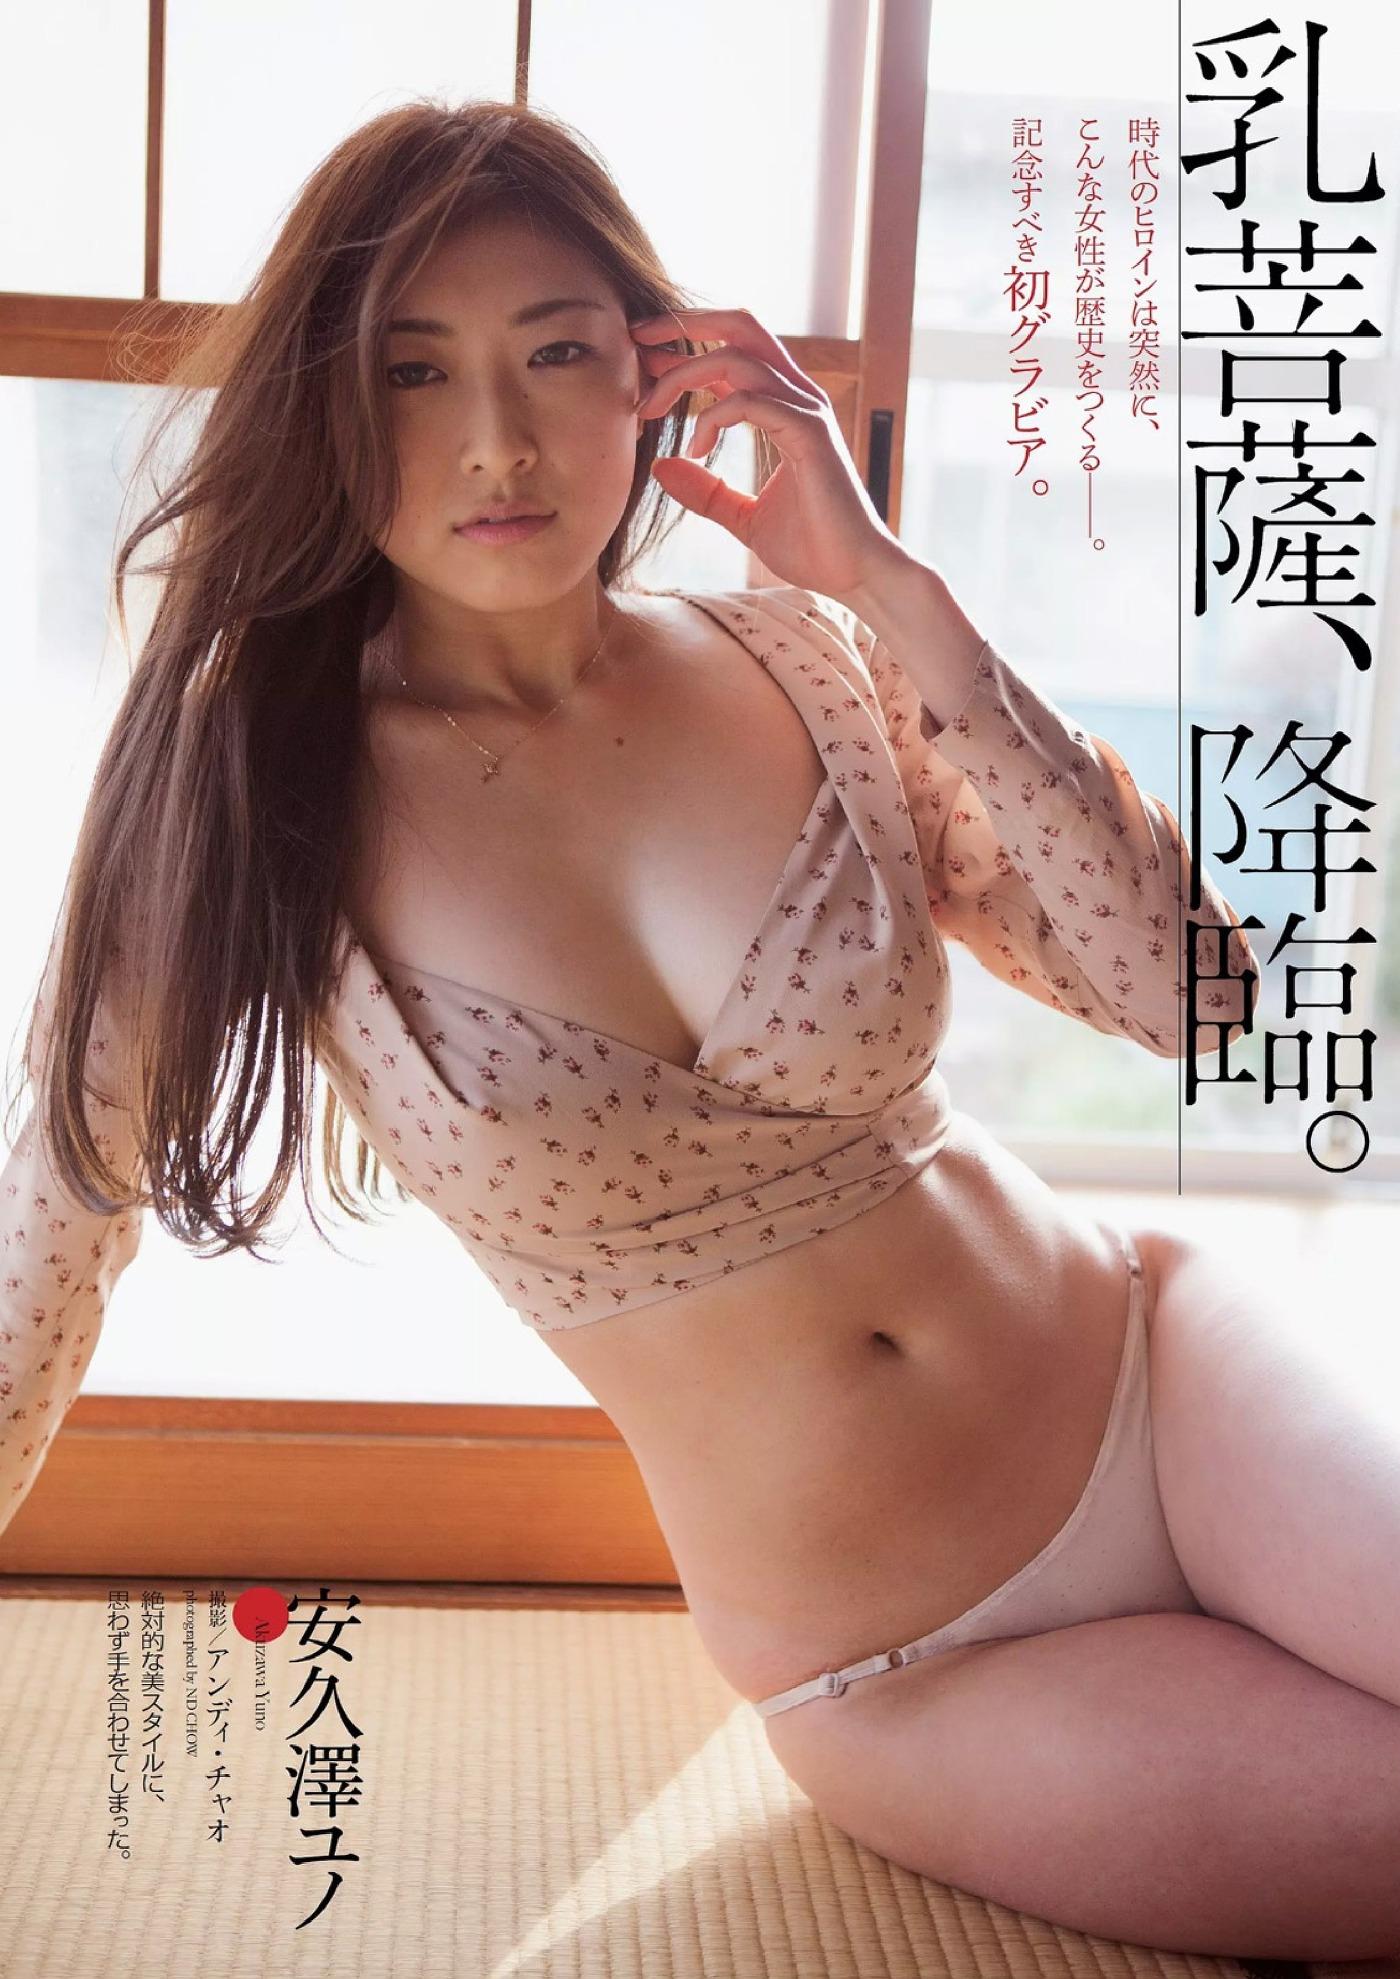 [巨乳]「3 江口亜衣子」(江口亜衣子)